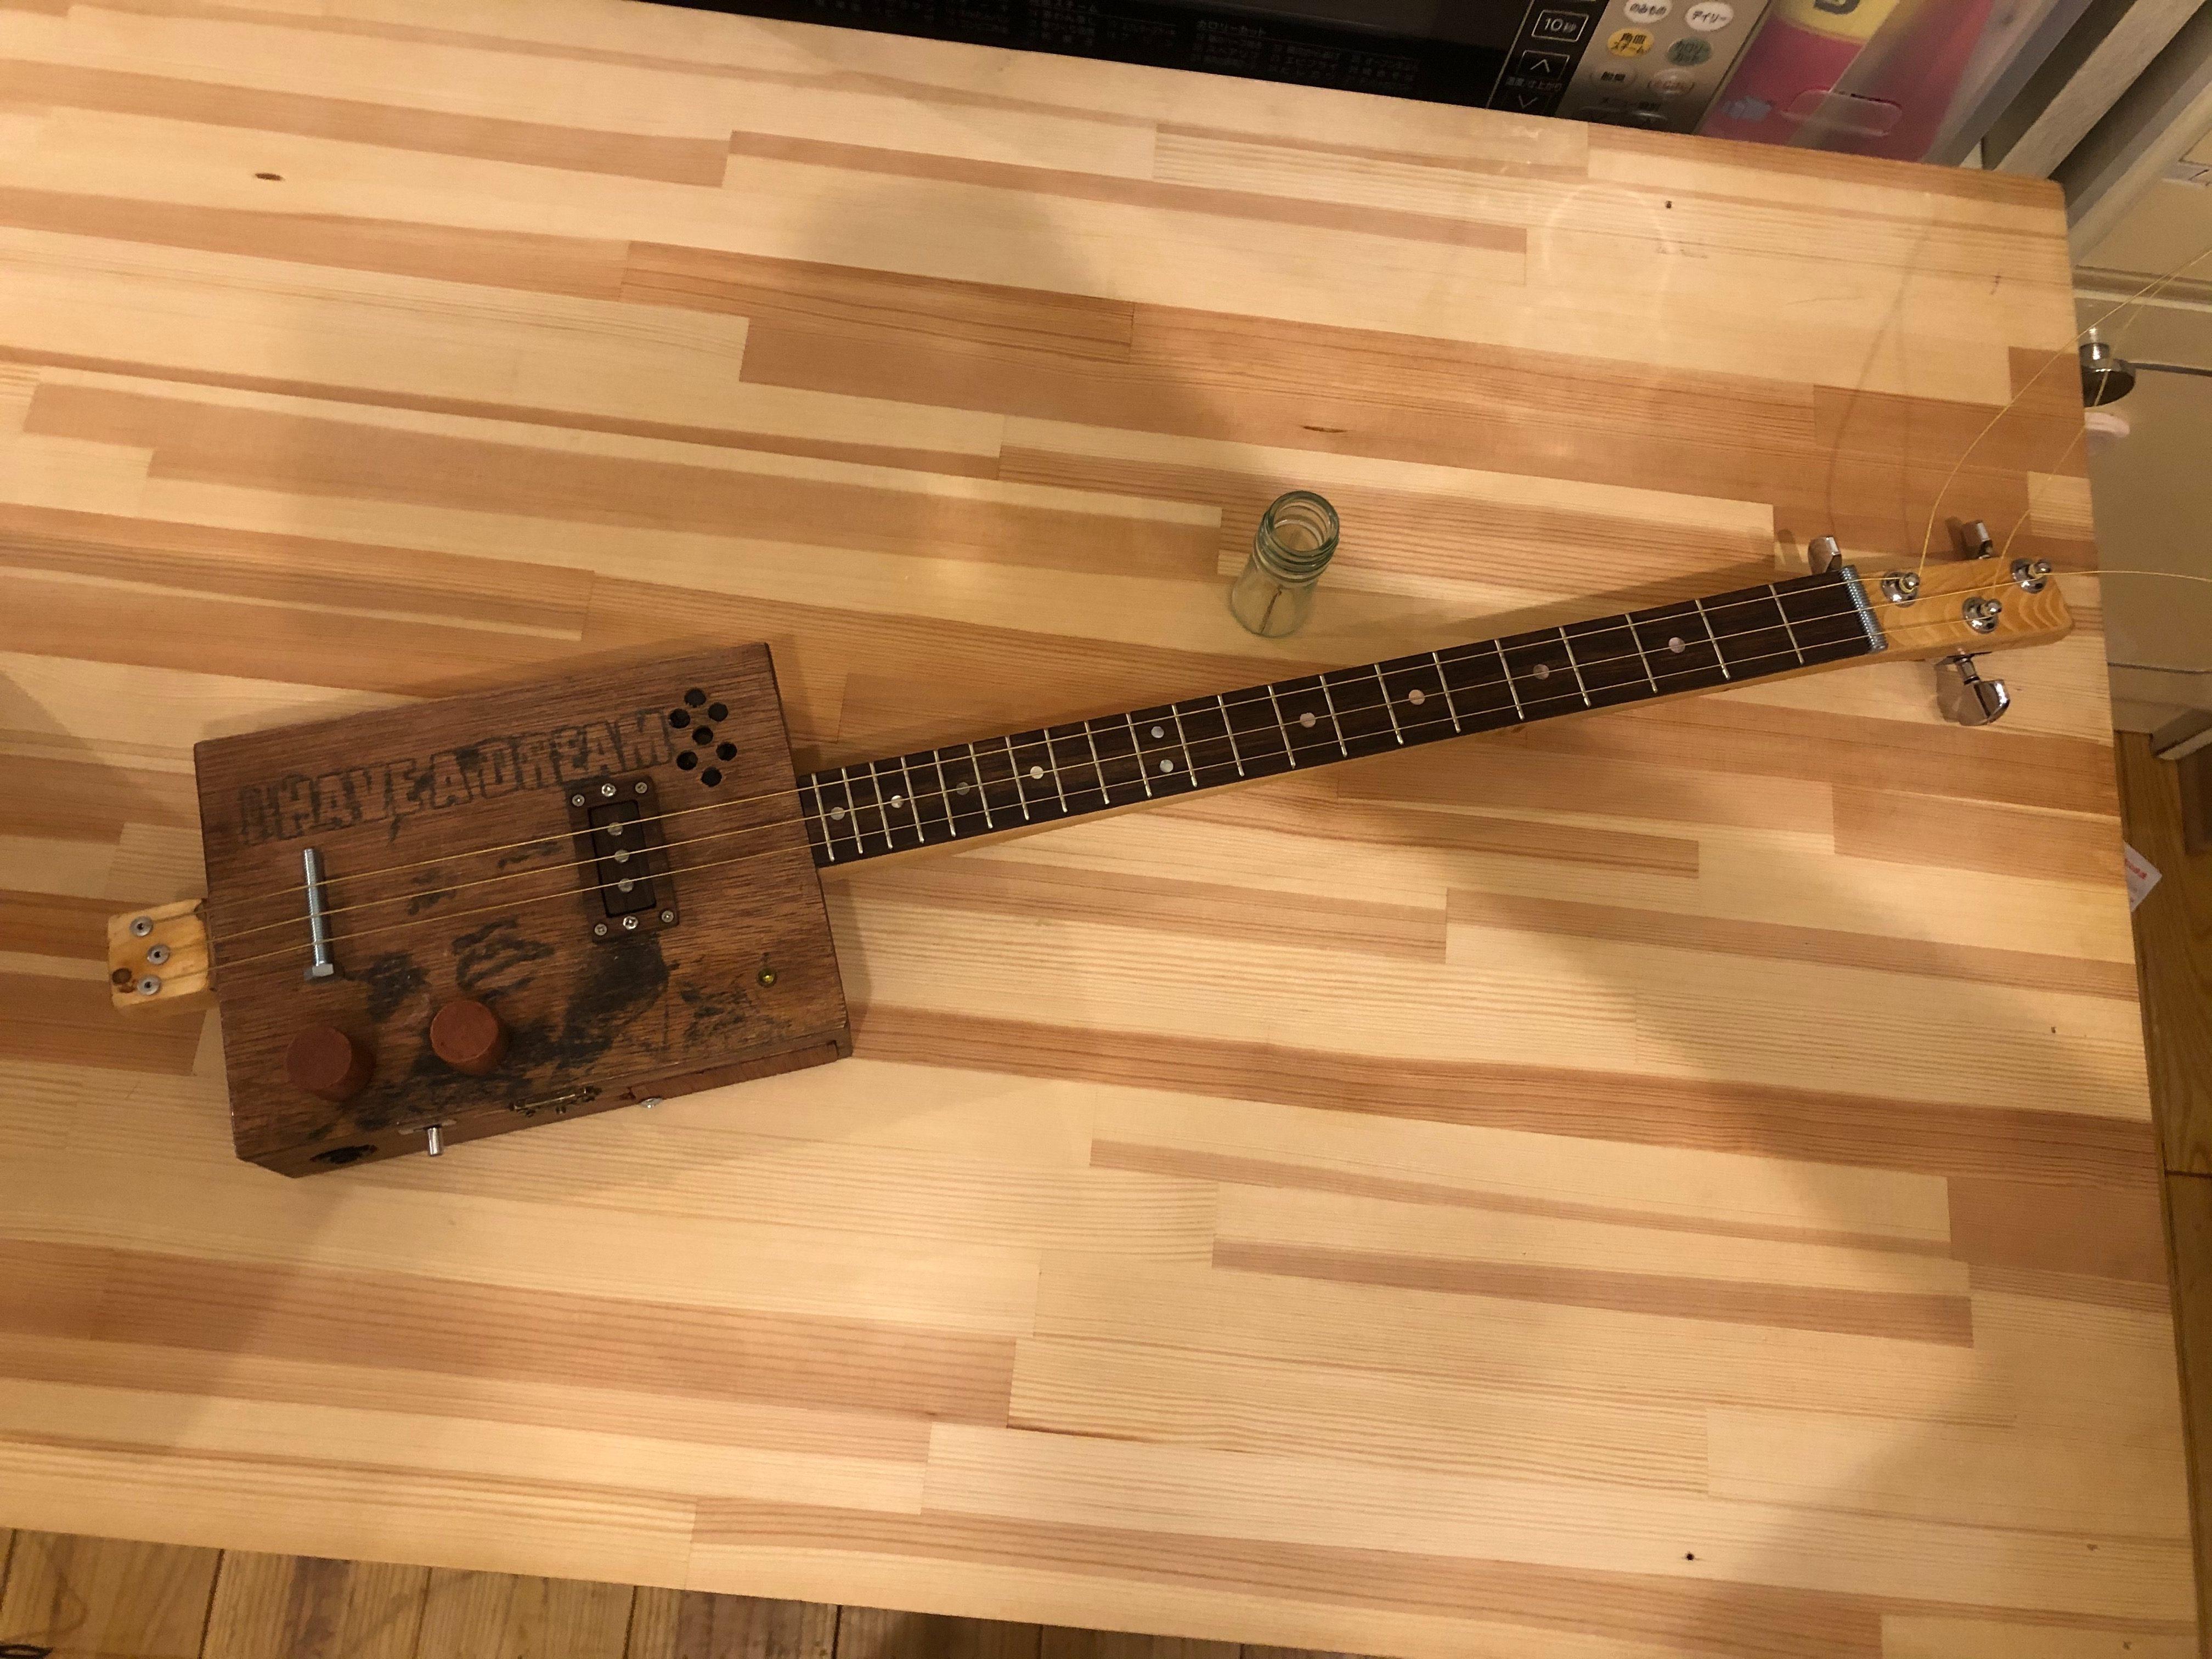 シガーボックスギター進捗プロト2 店作り工事 @わたし雑貨店